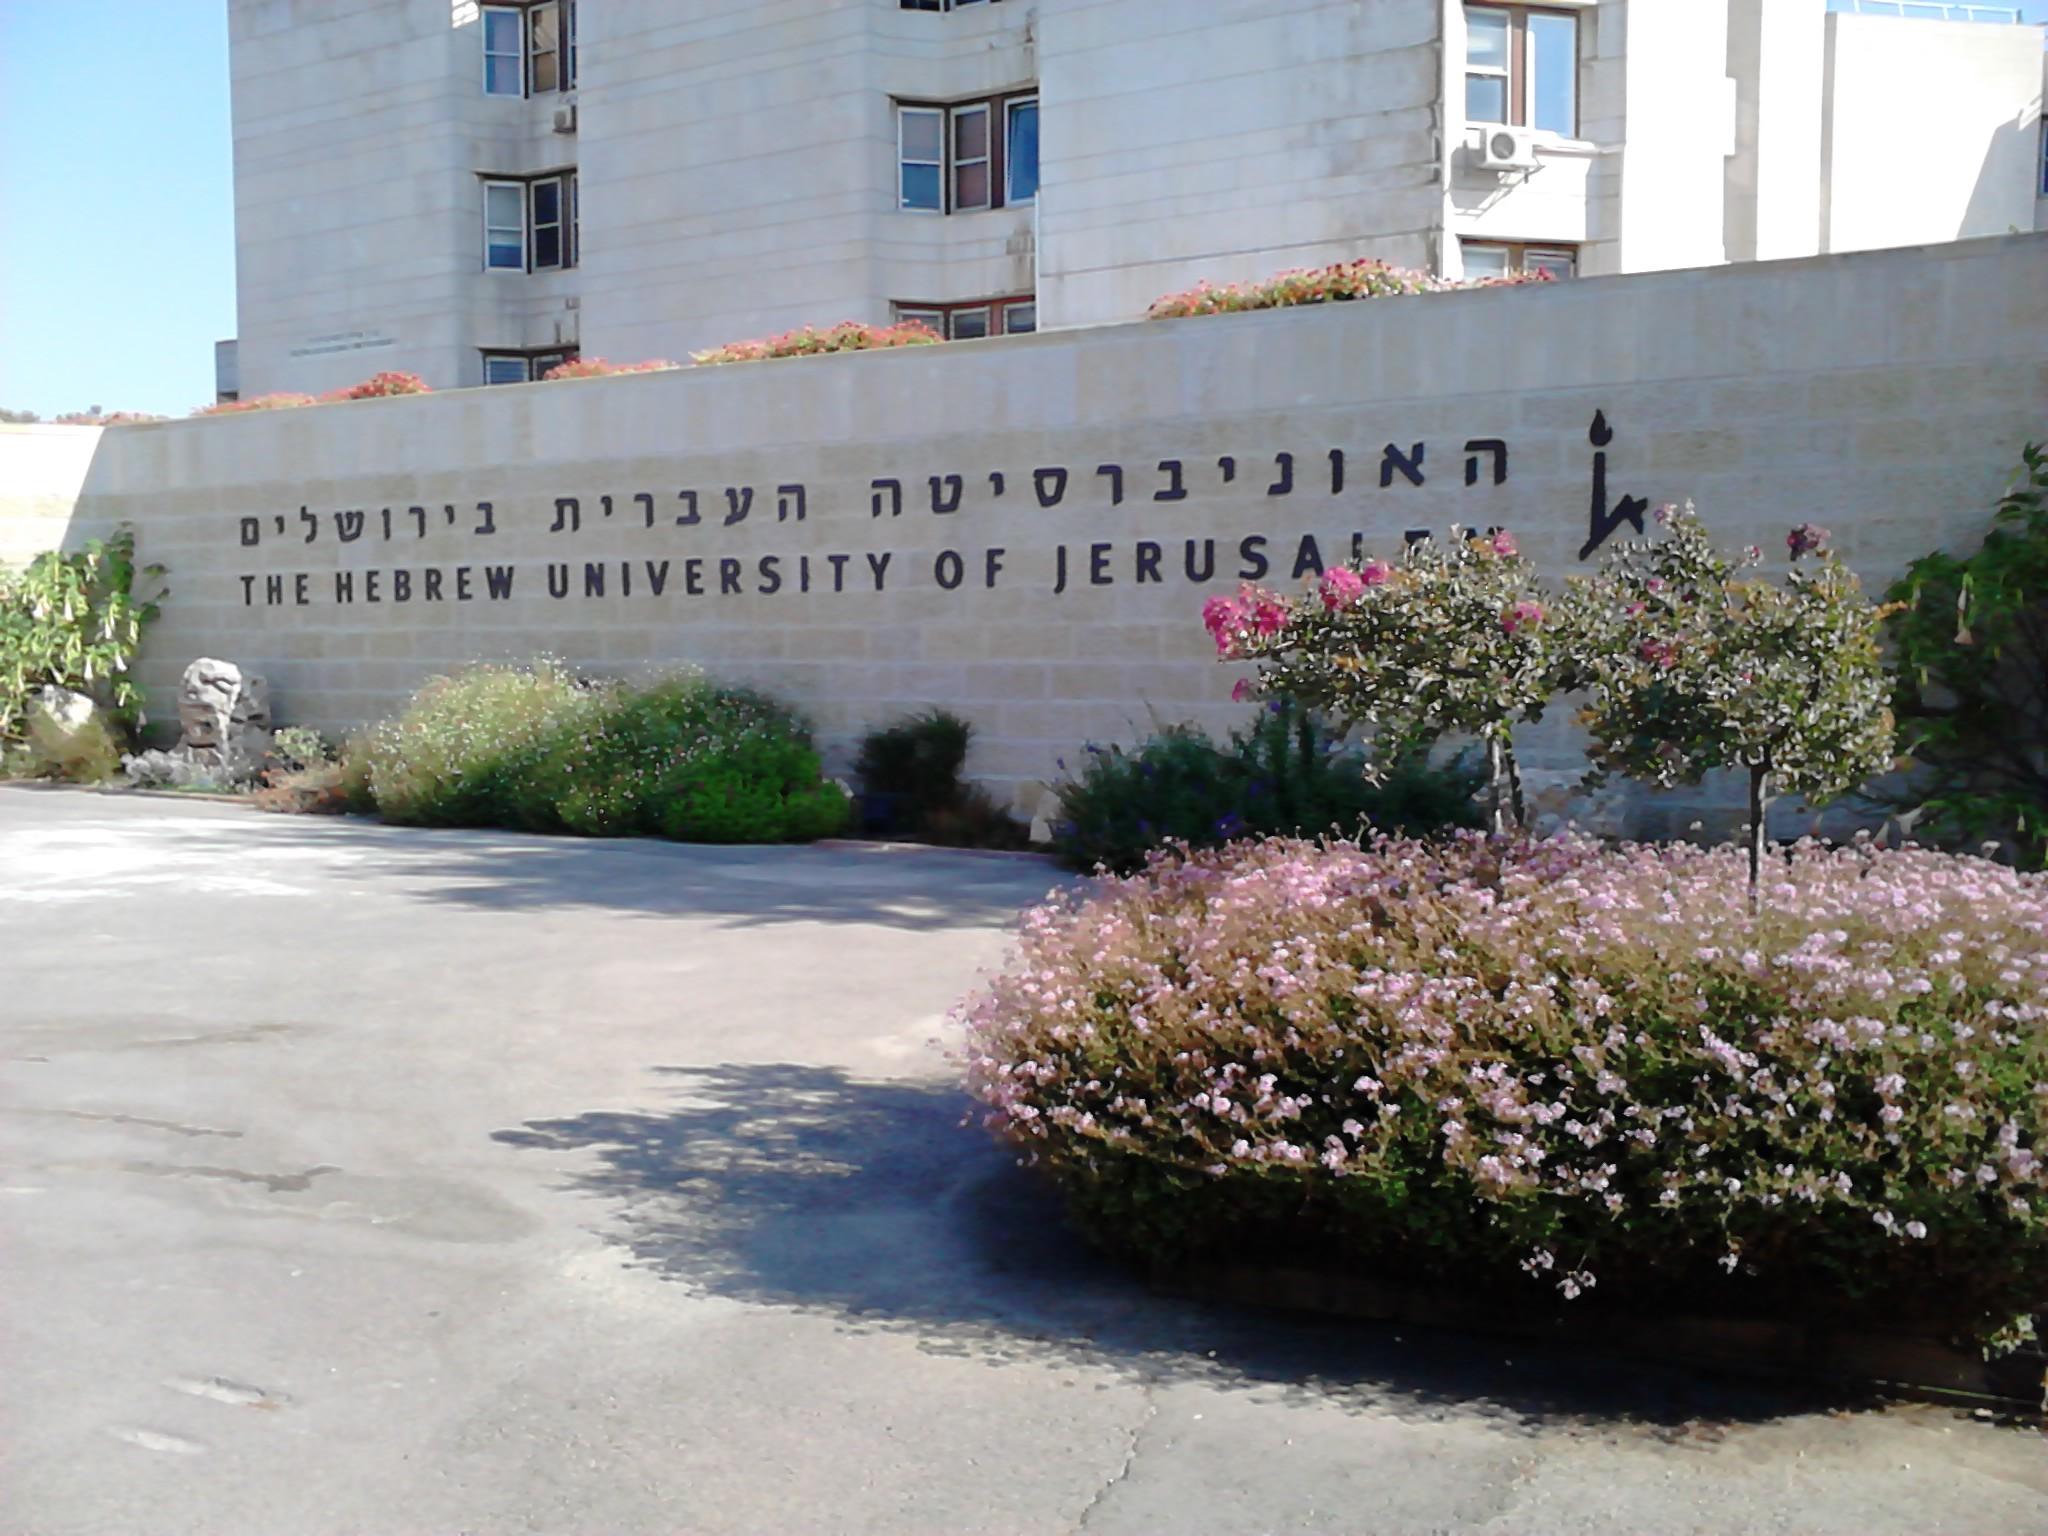 الجبل والقلعة: عمارة الجامعة العبريّة